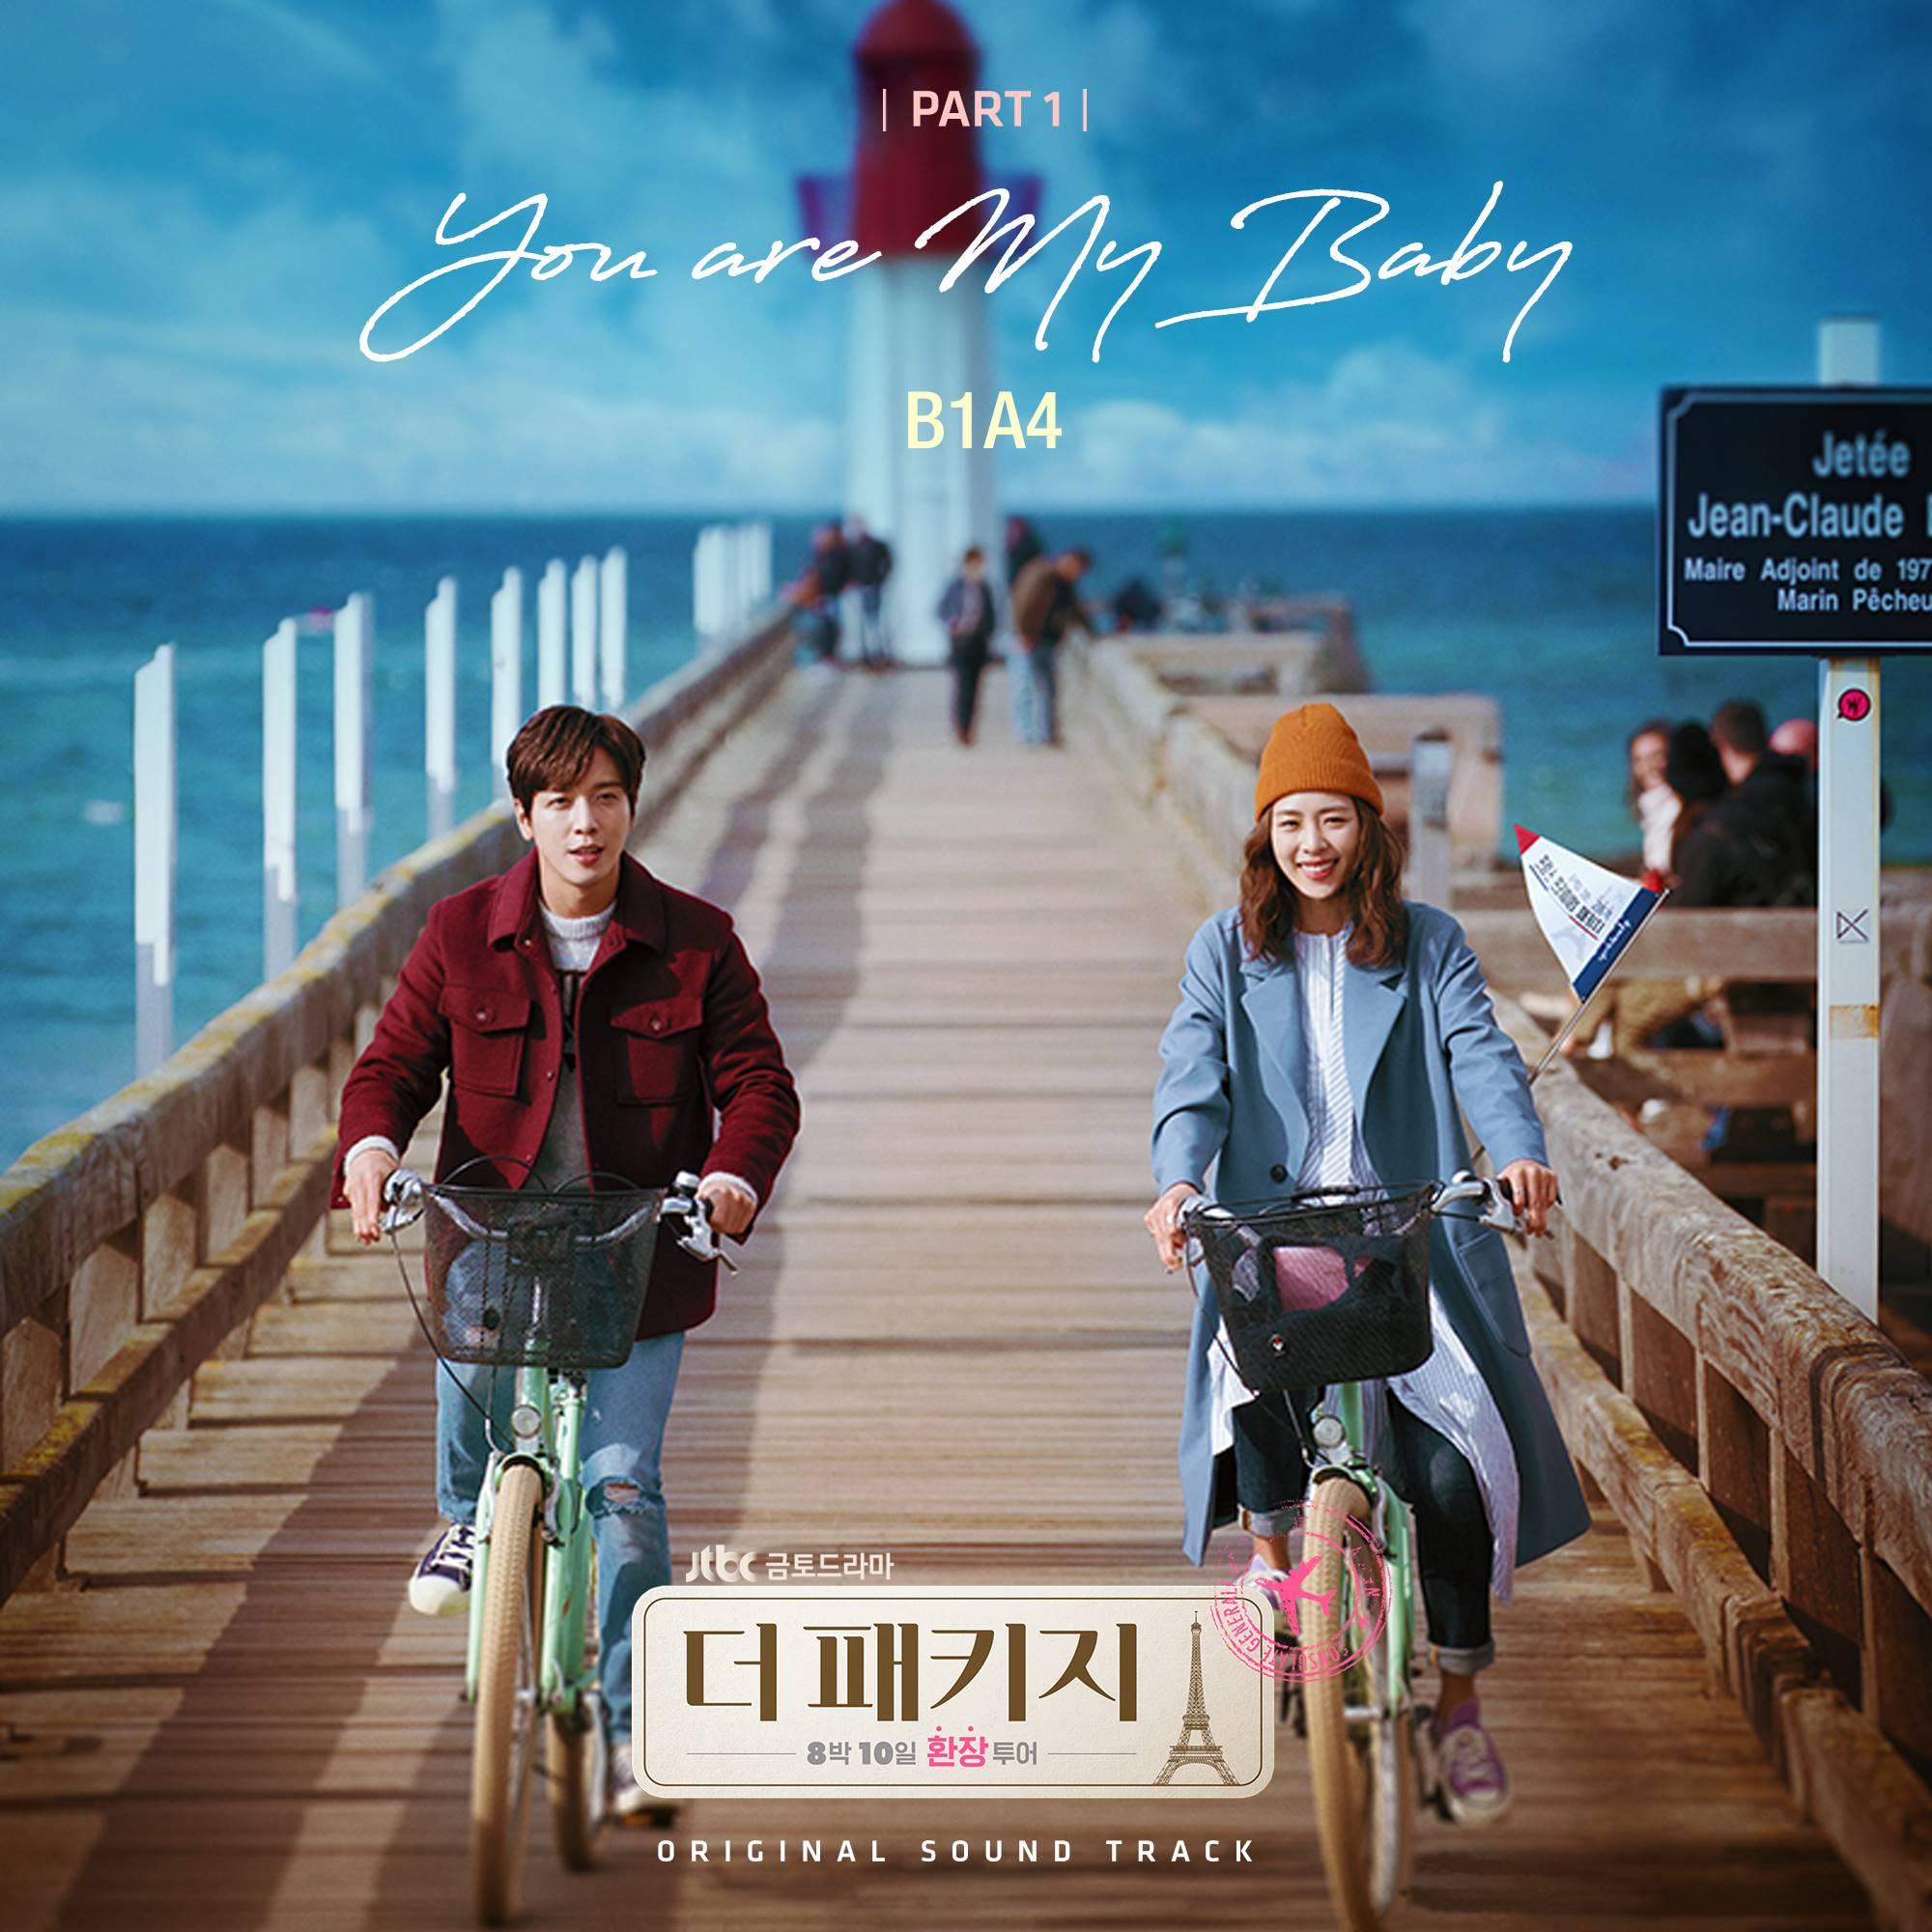 <더패키지> OST 첫 번째 음원 'You Are My Baby' 오늘 13일 공개! B1A4 출격 준비 완료!